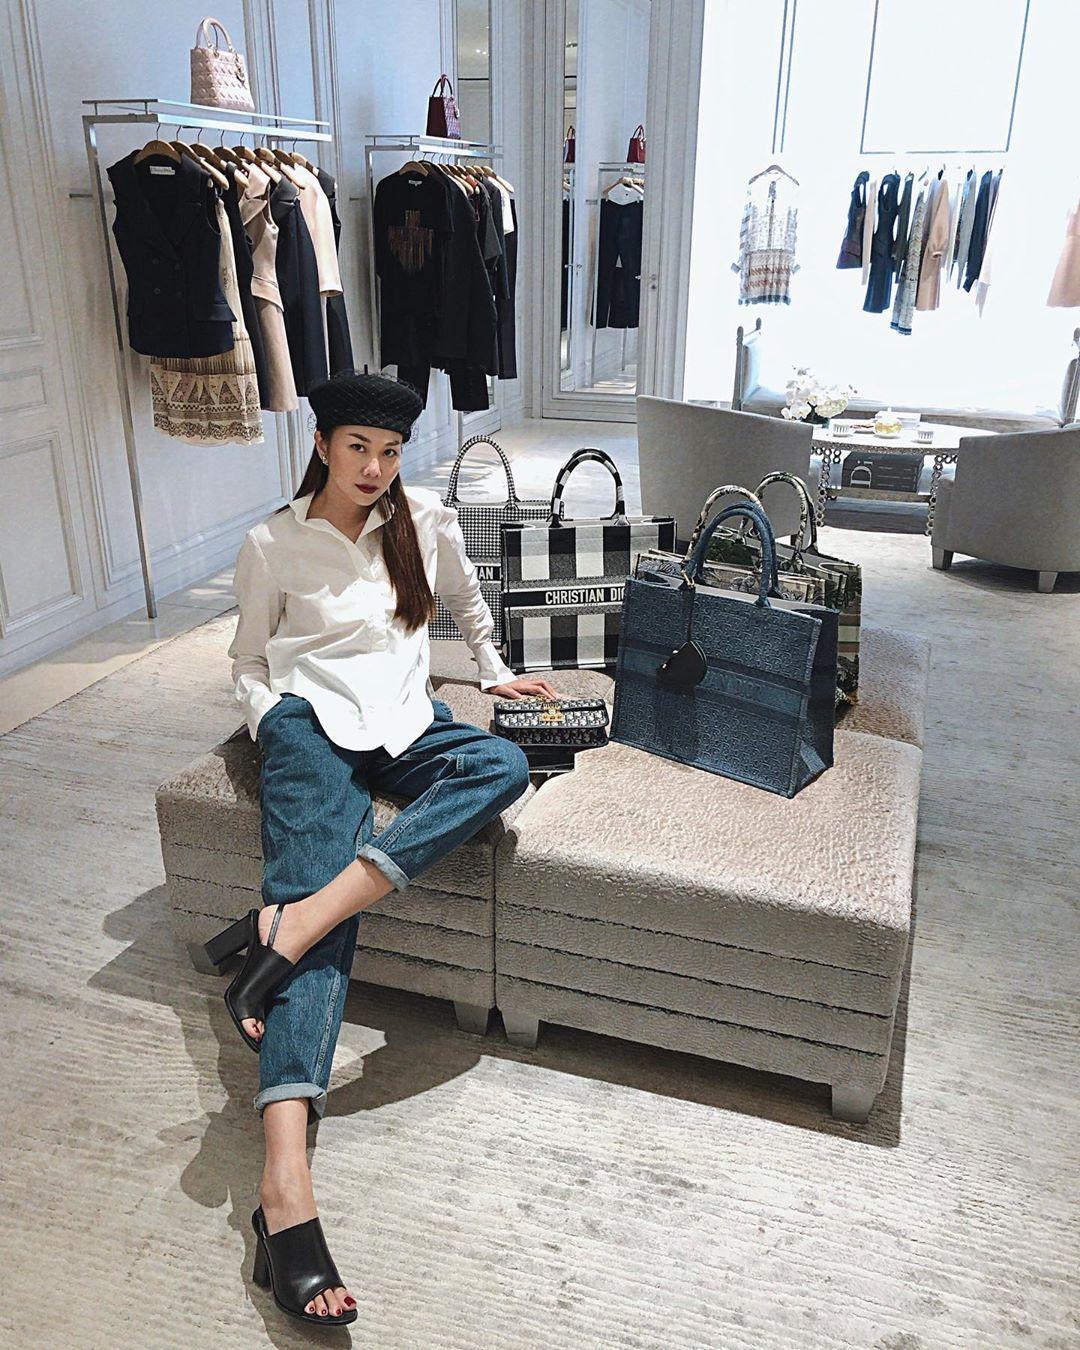 Cuộc sống thượng lưu của Thanh Hằng được thể hiện không chỉ bằng những bộ quần áo thời thượng mà còn thấy rõ trong style chụp hình yêu thích của cô. Đều đặn vài tuần một lần, khán giả lại được thấy cô khoe dáng trong store hàng hiệu.